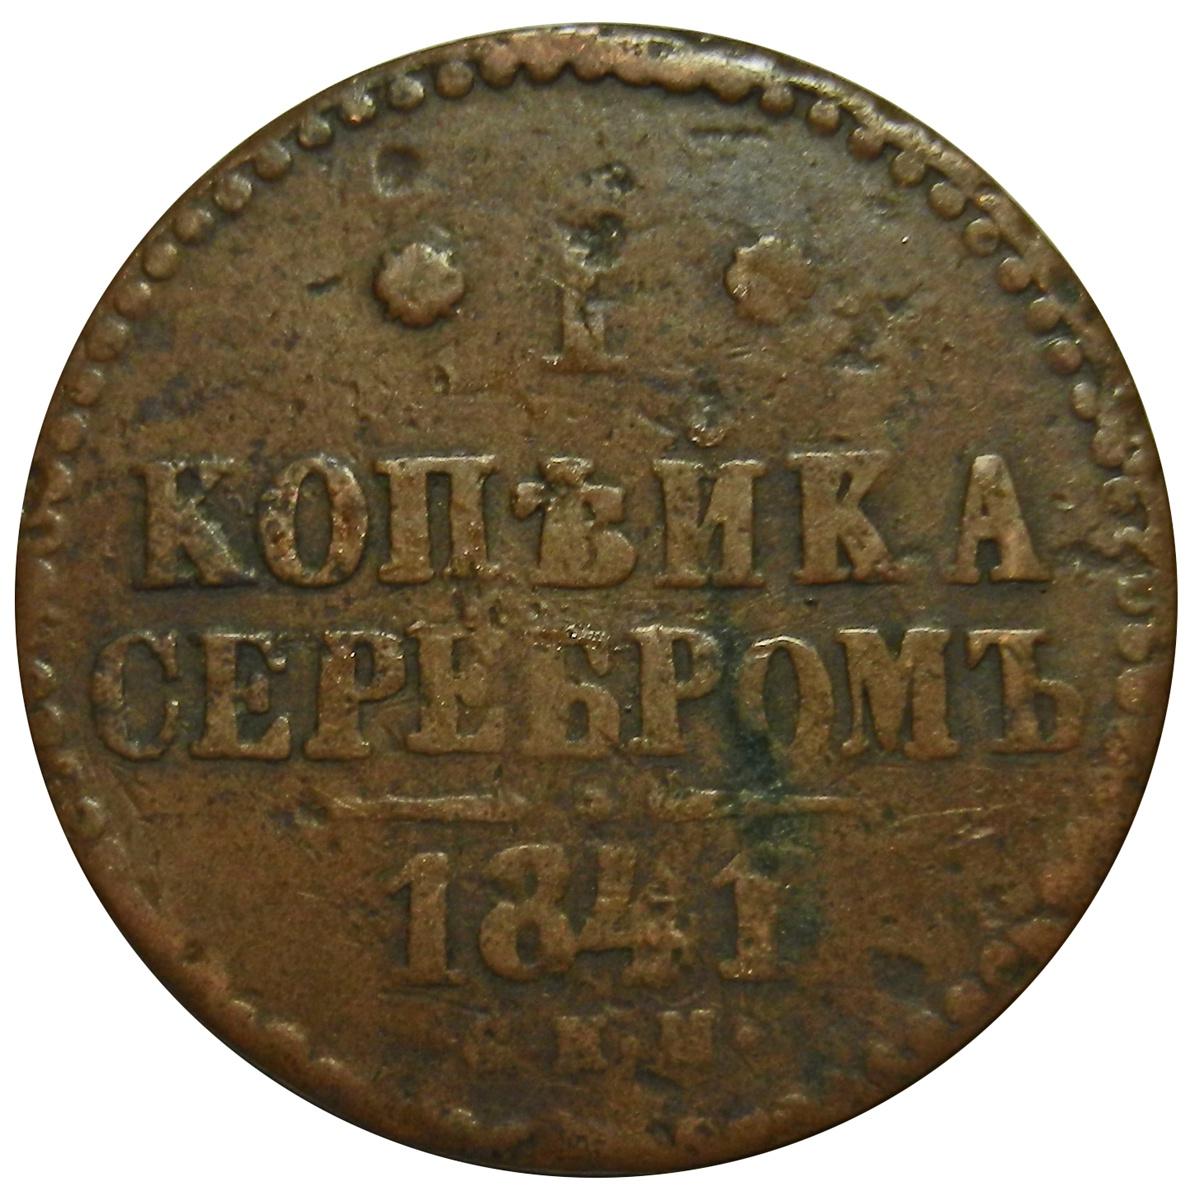 Монета 1 копейка серебром. Медь. Российская Империя, 1841 год (СПМ) VF монета 1 копейка серебром медь российская империя 1840 год спм xf